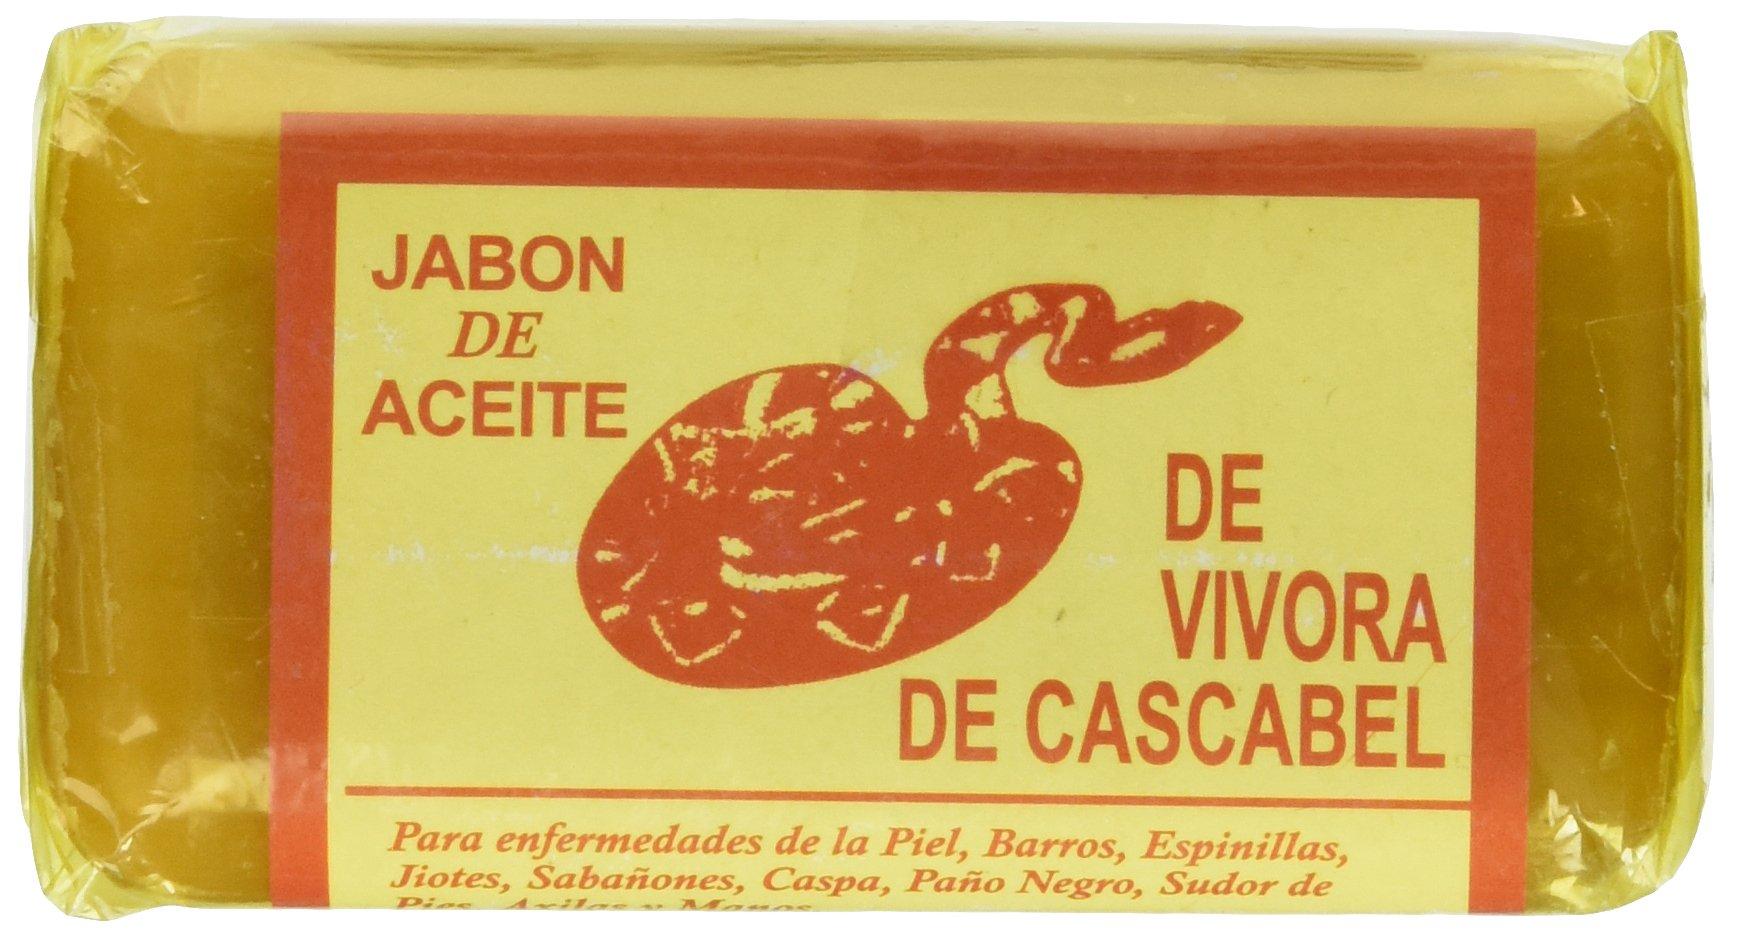 Jabon de Vibora de Cascabel